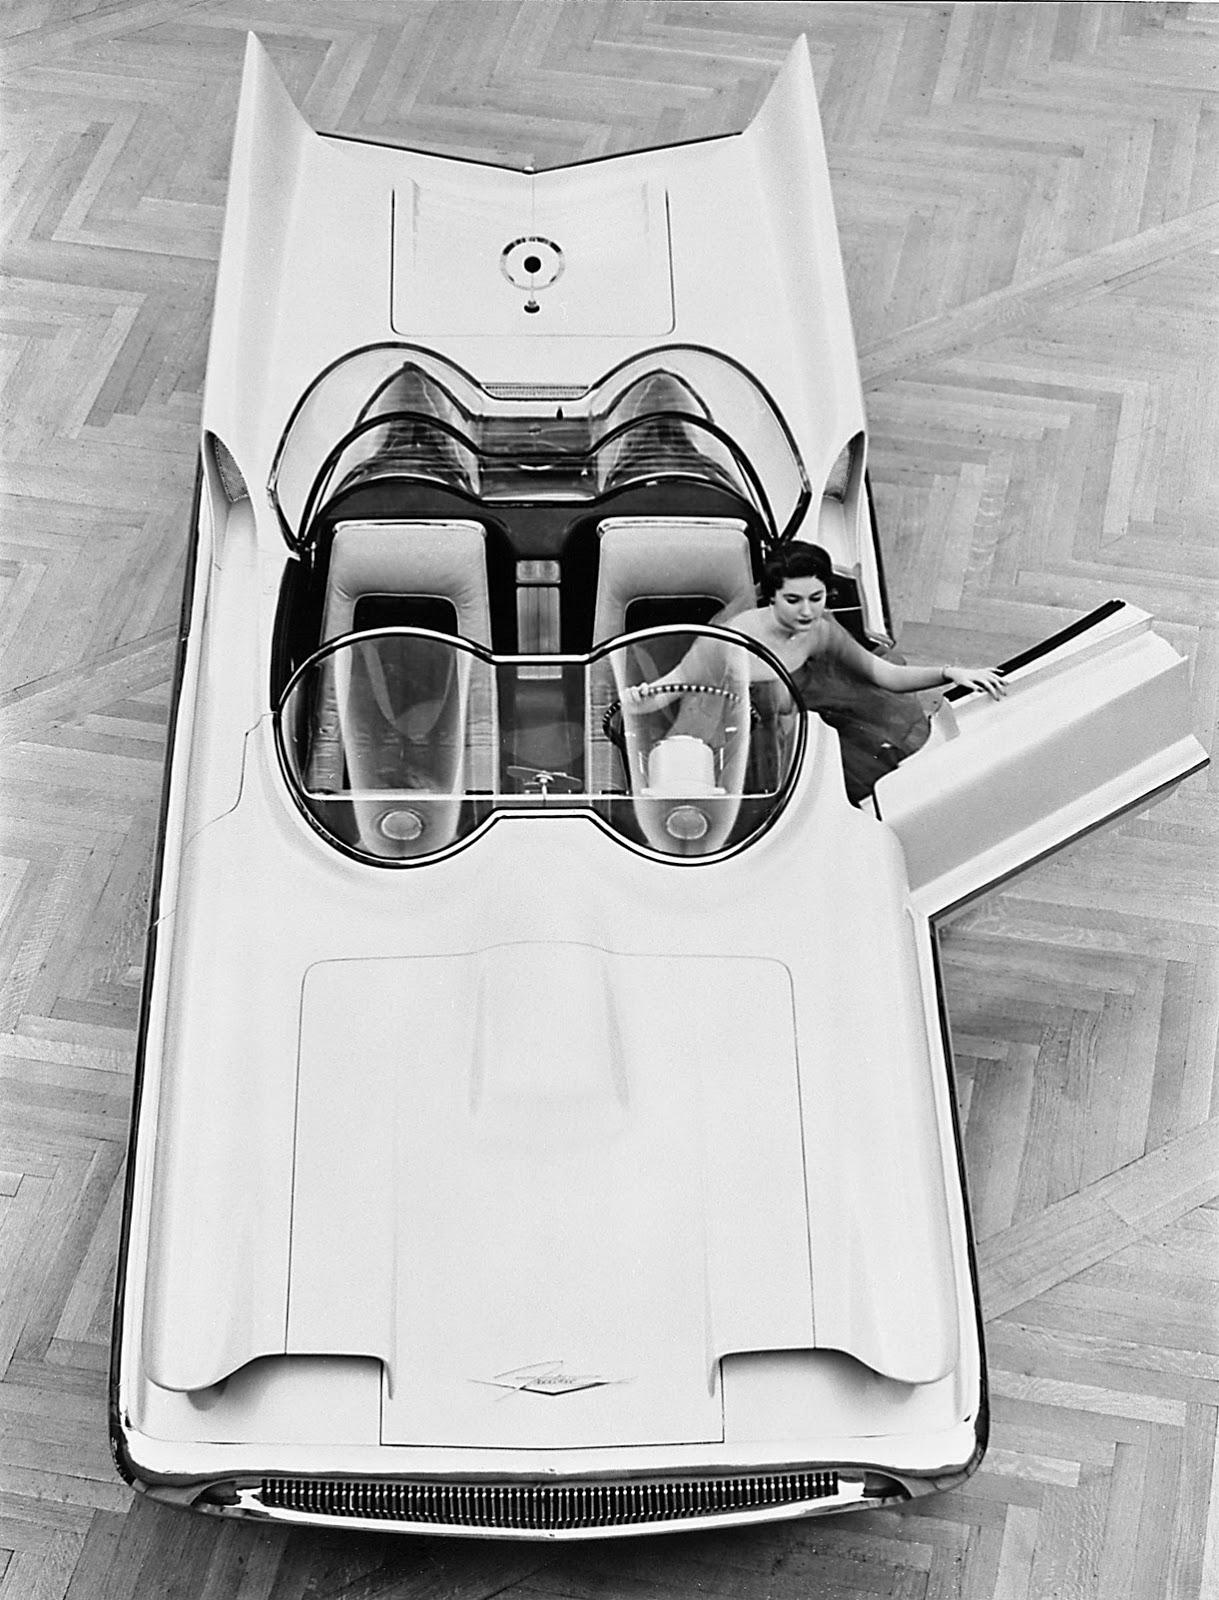 original-1966-batmobile-73